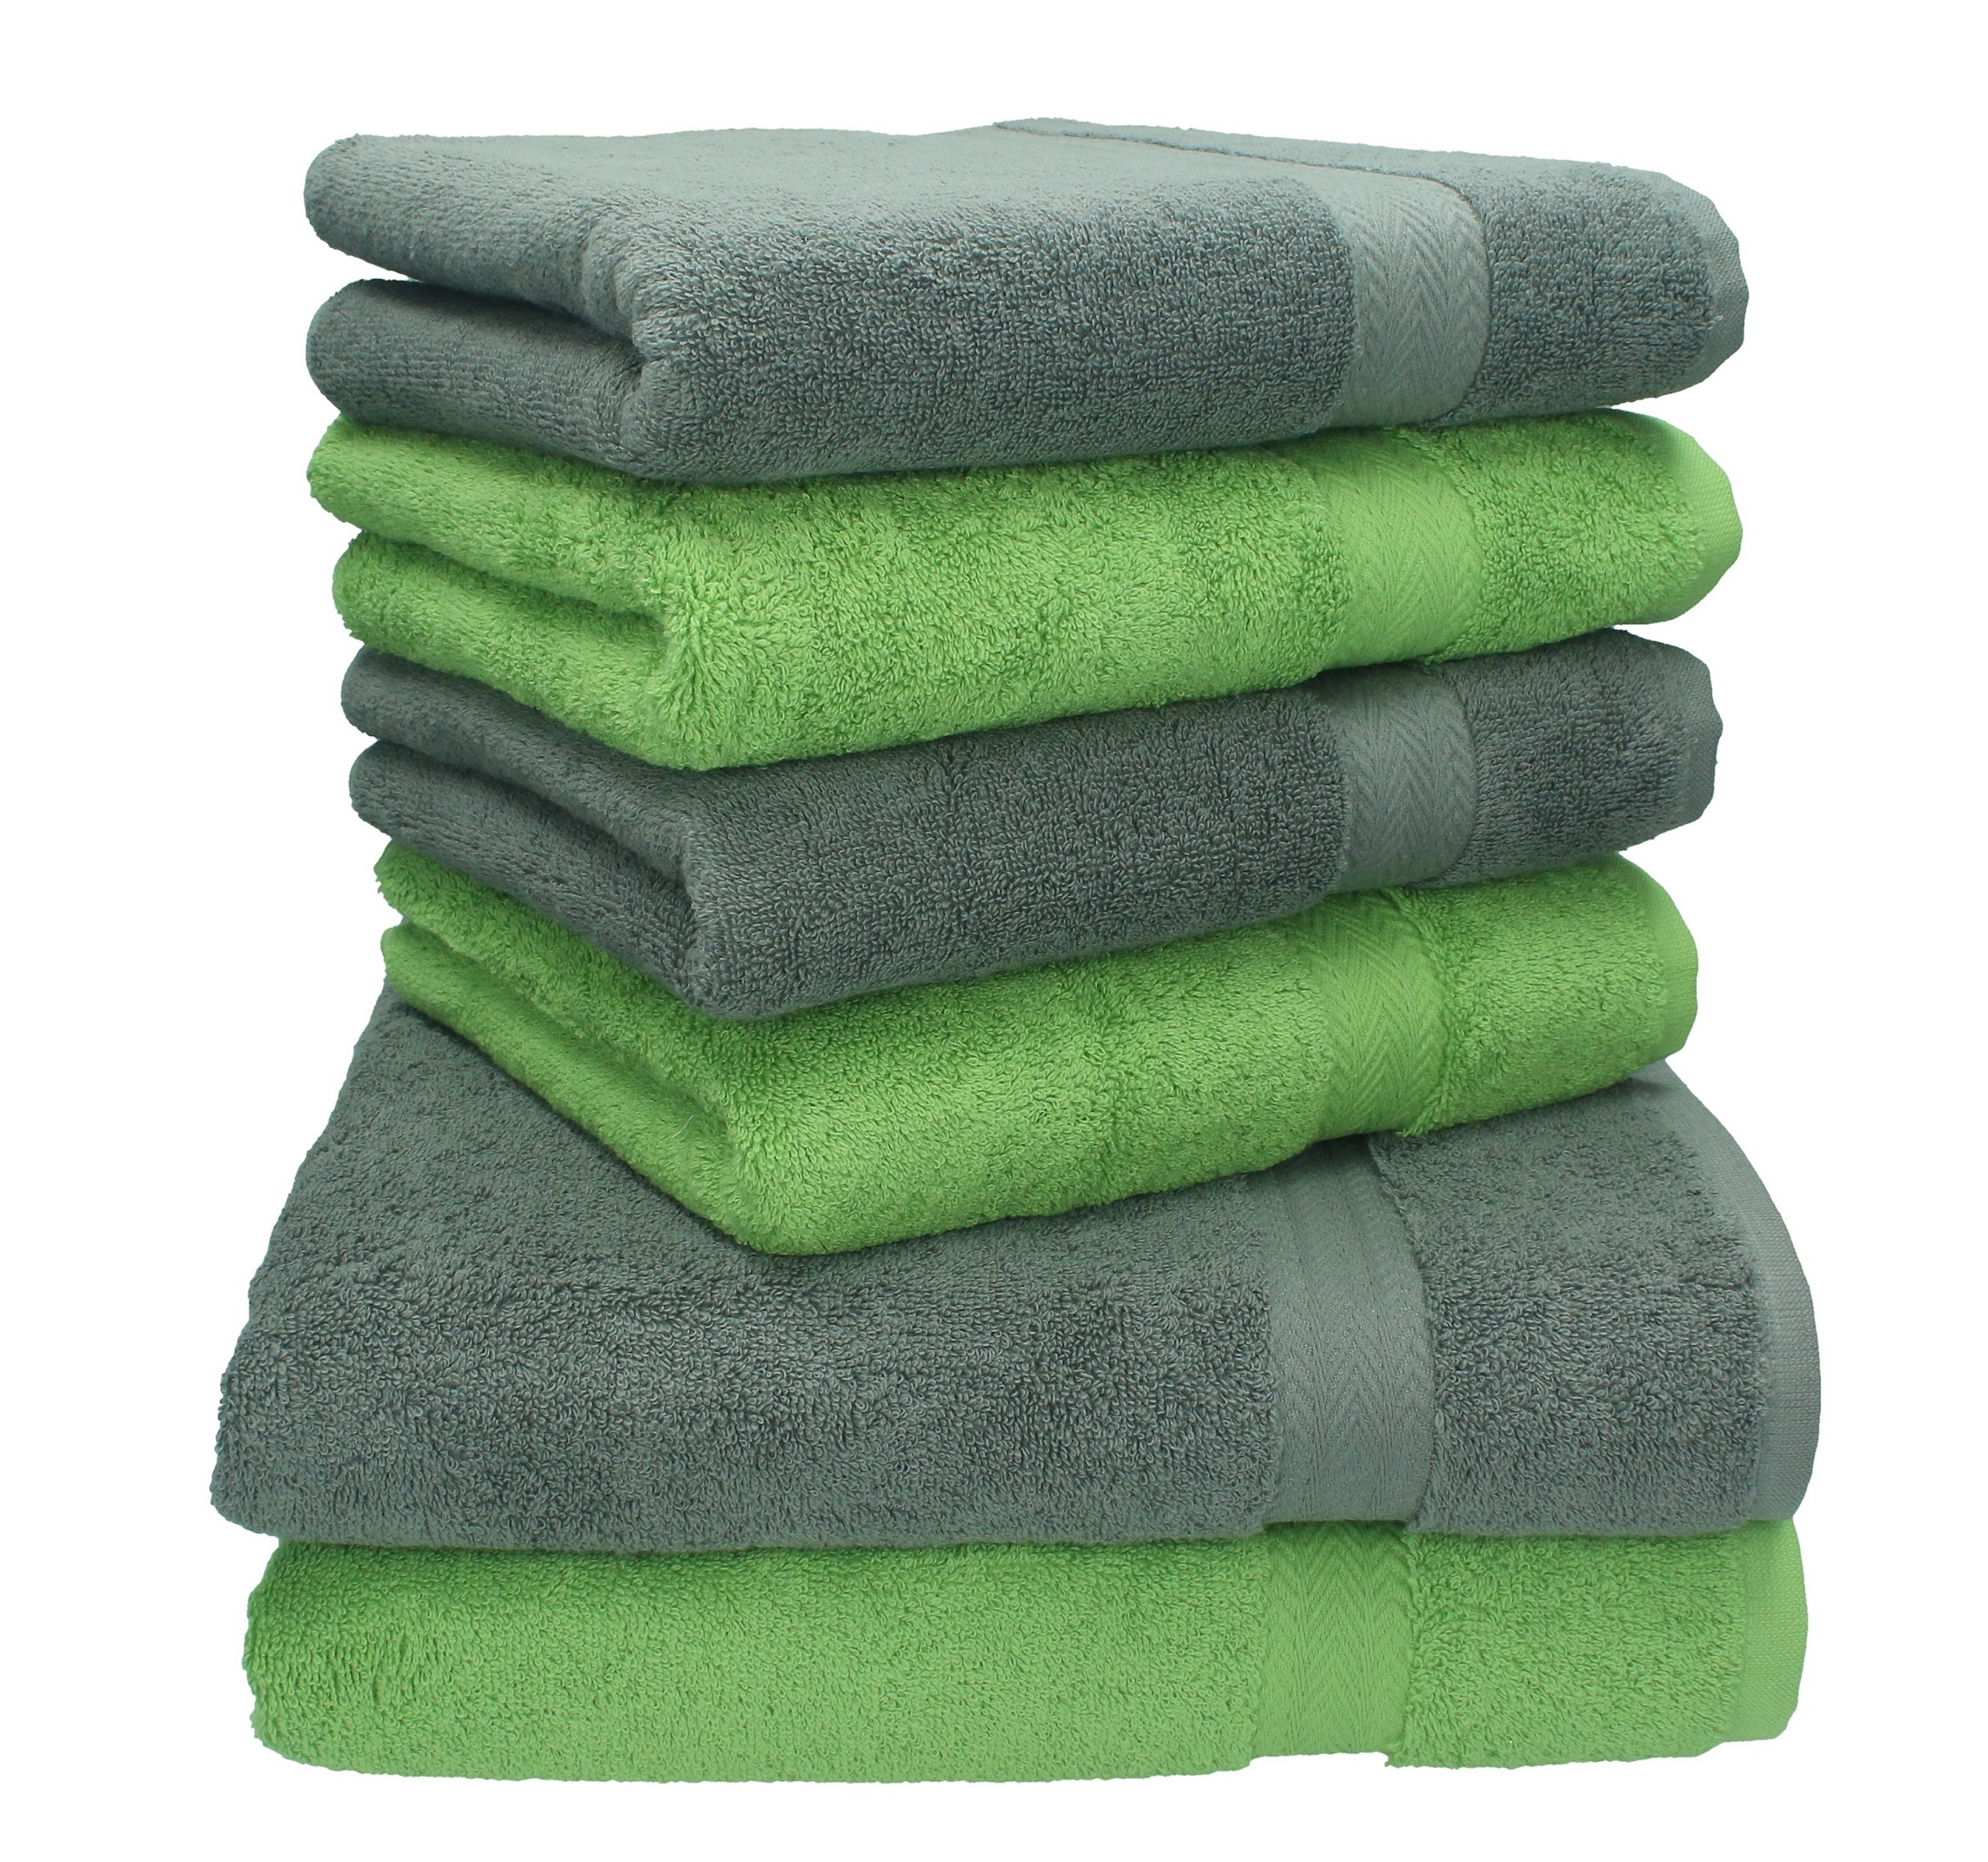 betz 6 tlg handtuch set premium 100 umwolle 2 duscht cher 4 handt cher farbe anthrazit und. Black Bedroom Furniture Sets. Home Design Ideas